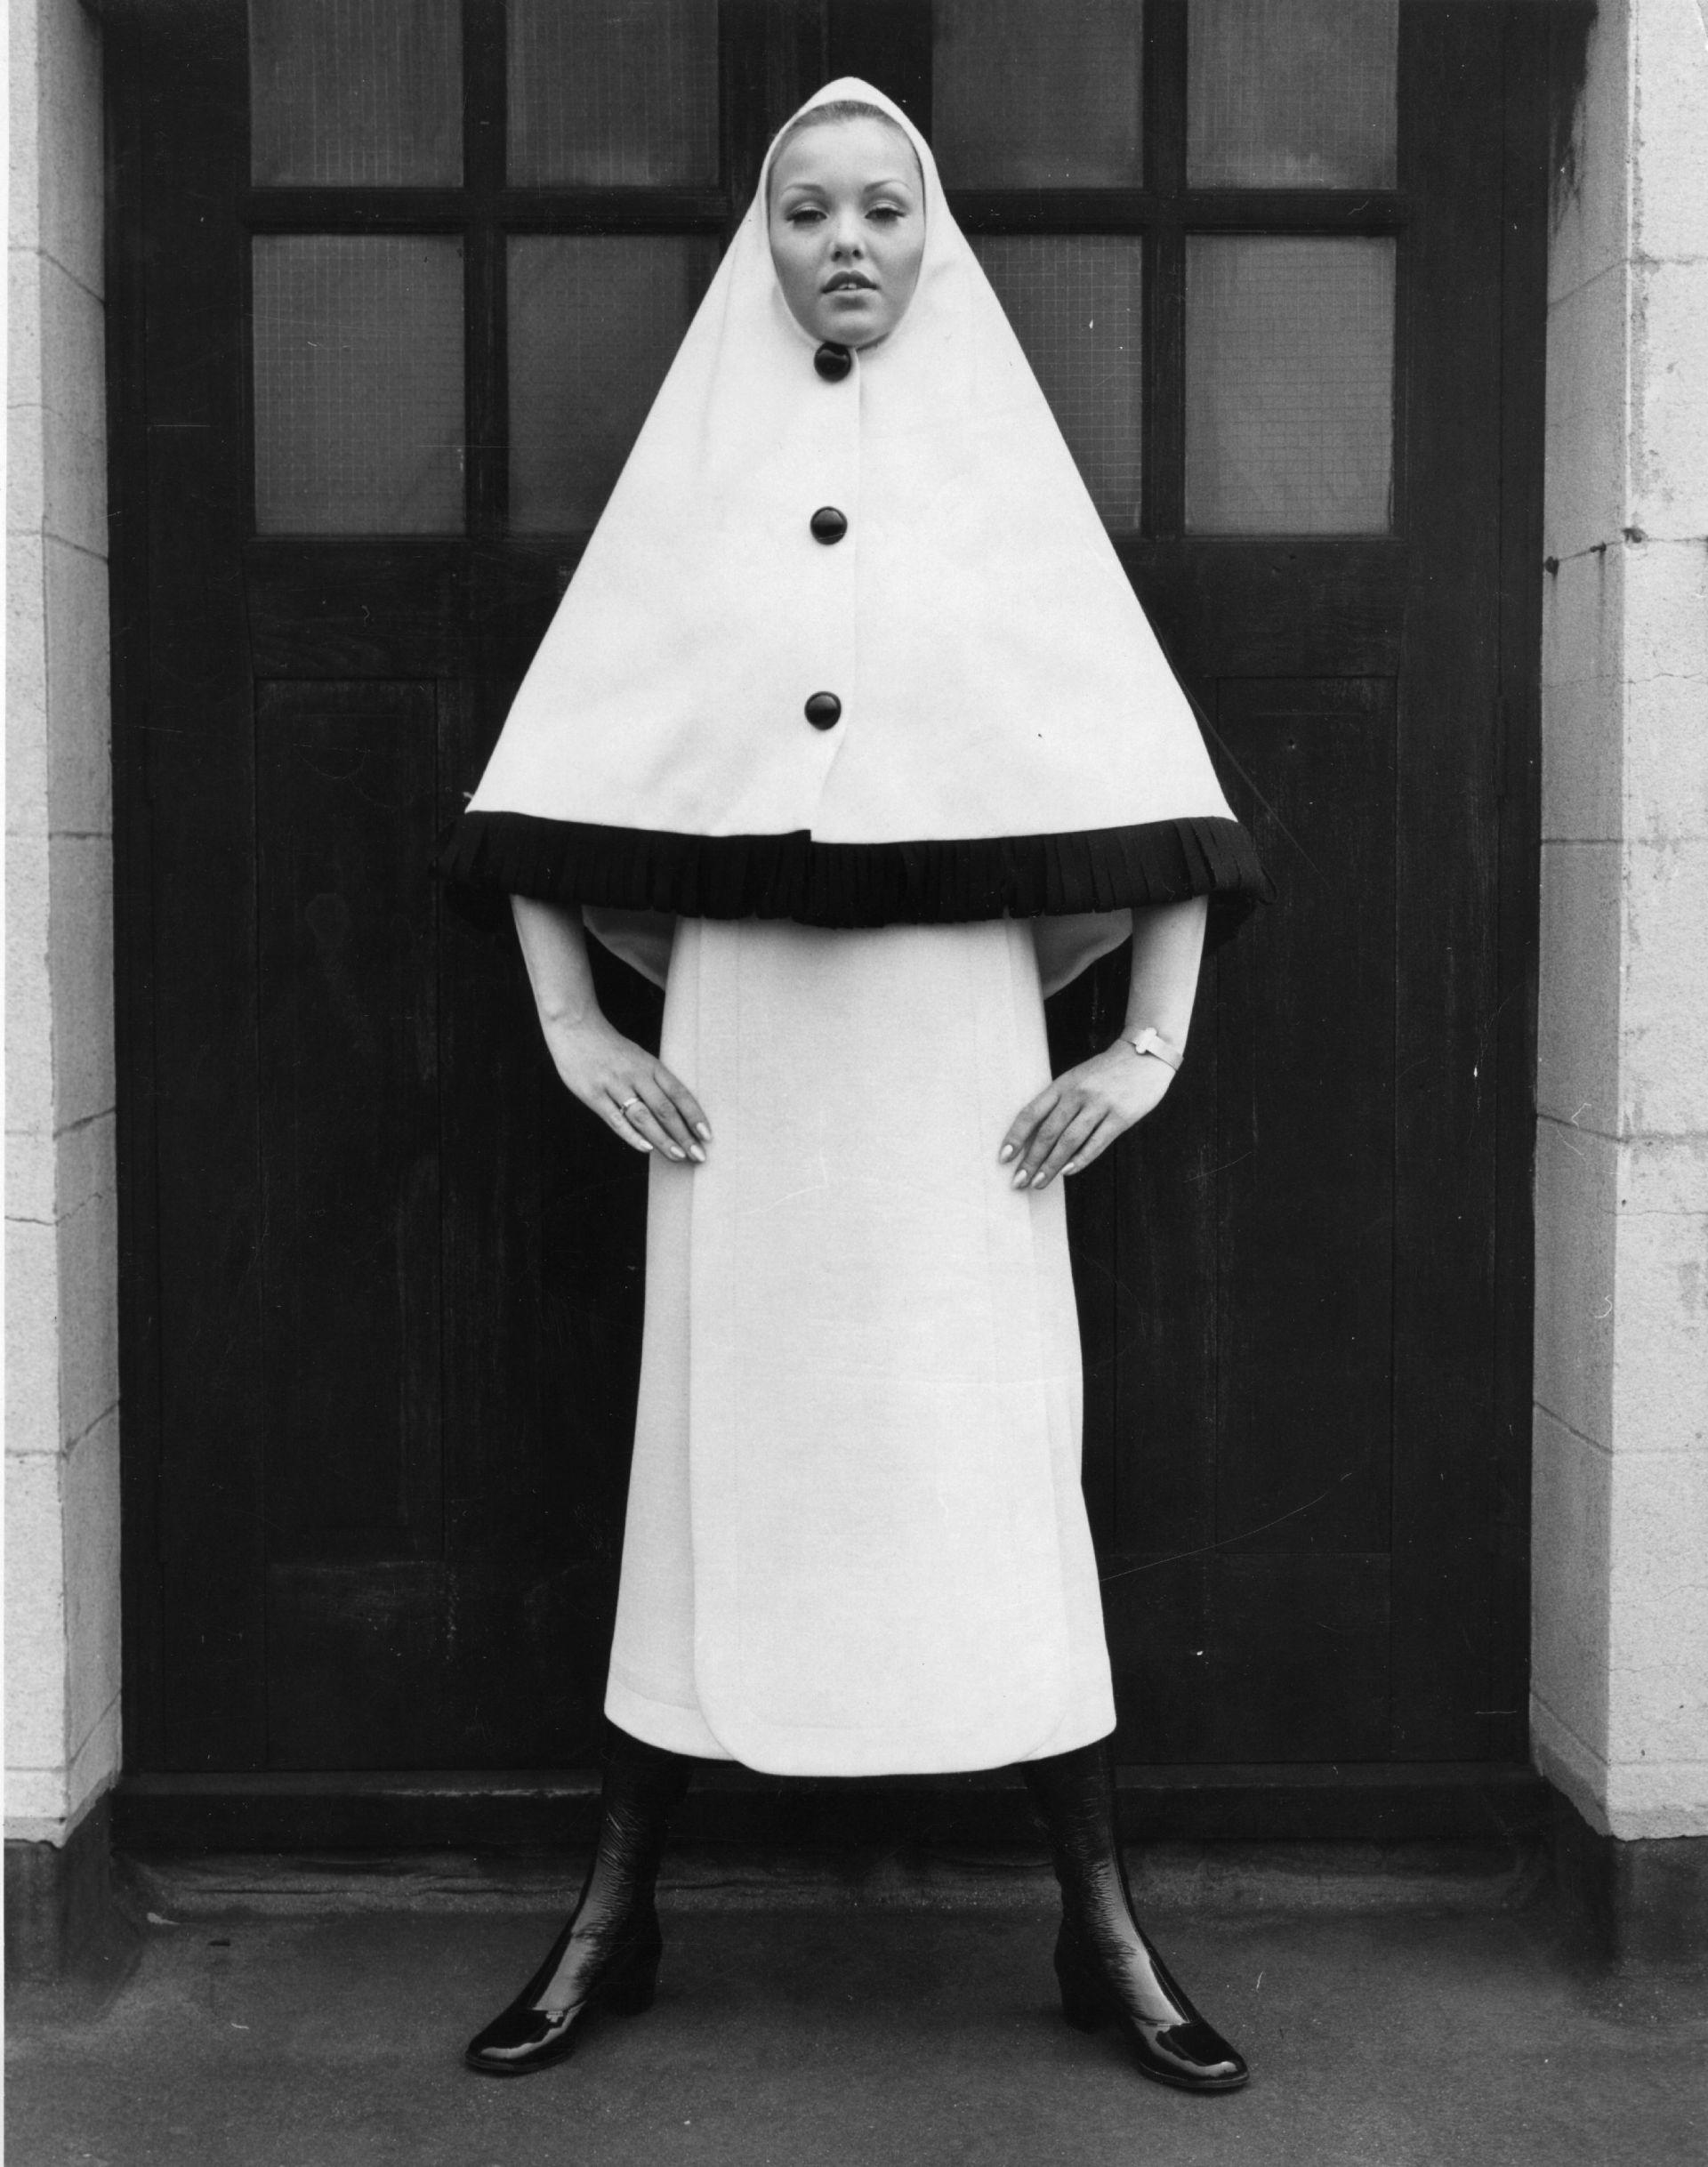 Май, 1970: Денис Кокс позира с дизайнерска вълнена рокля на Карден по време на модното шоу на Дикенс и Джоунс.